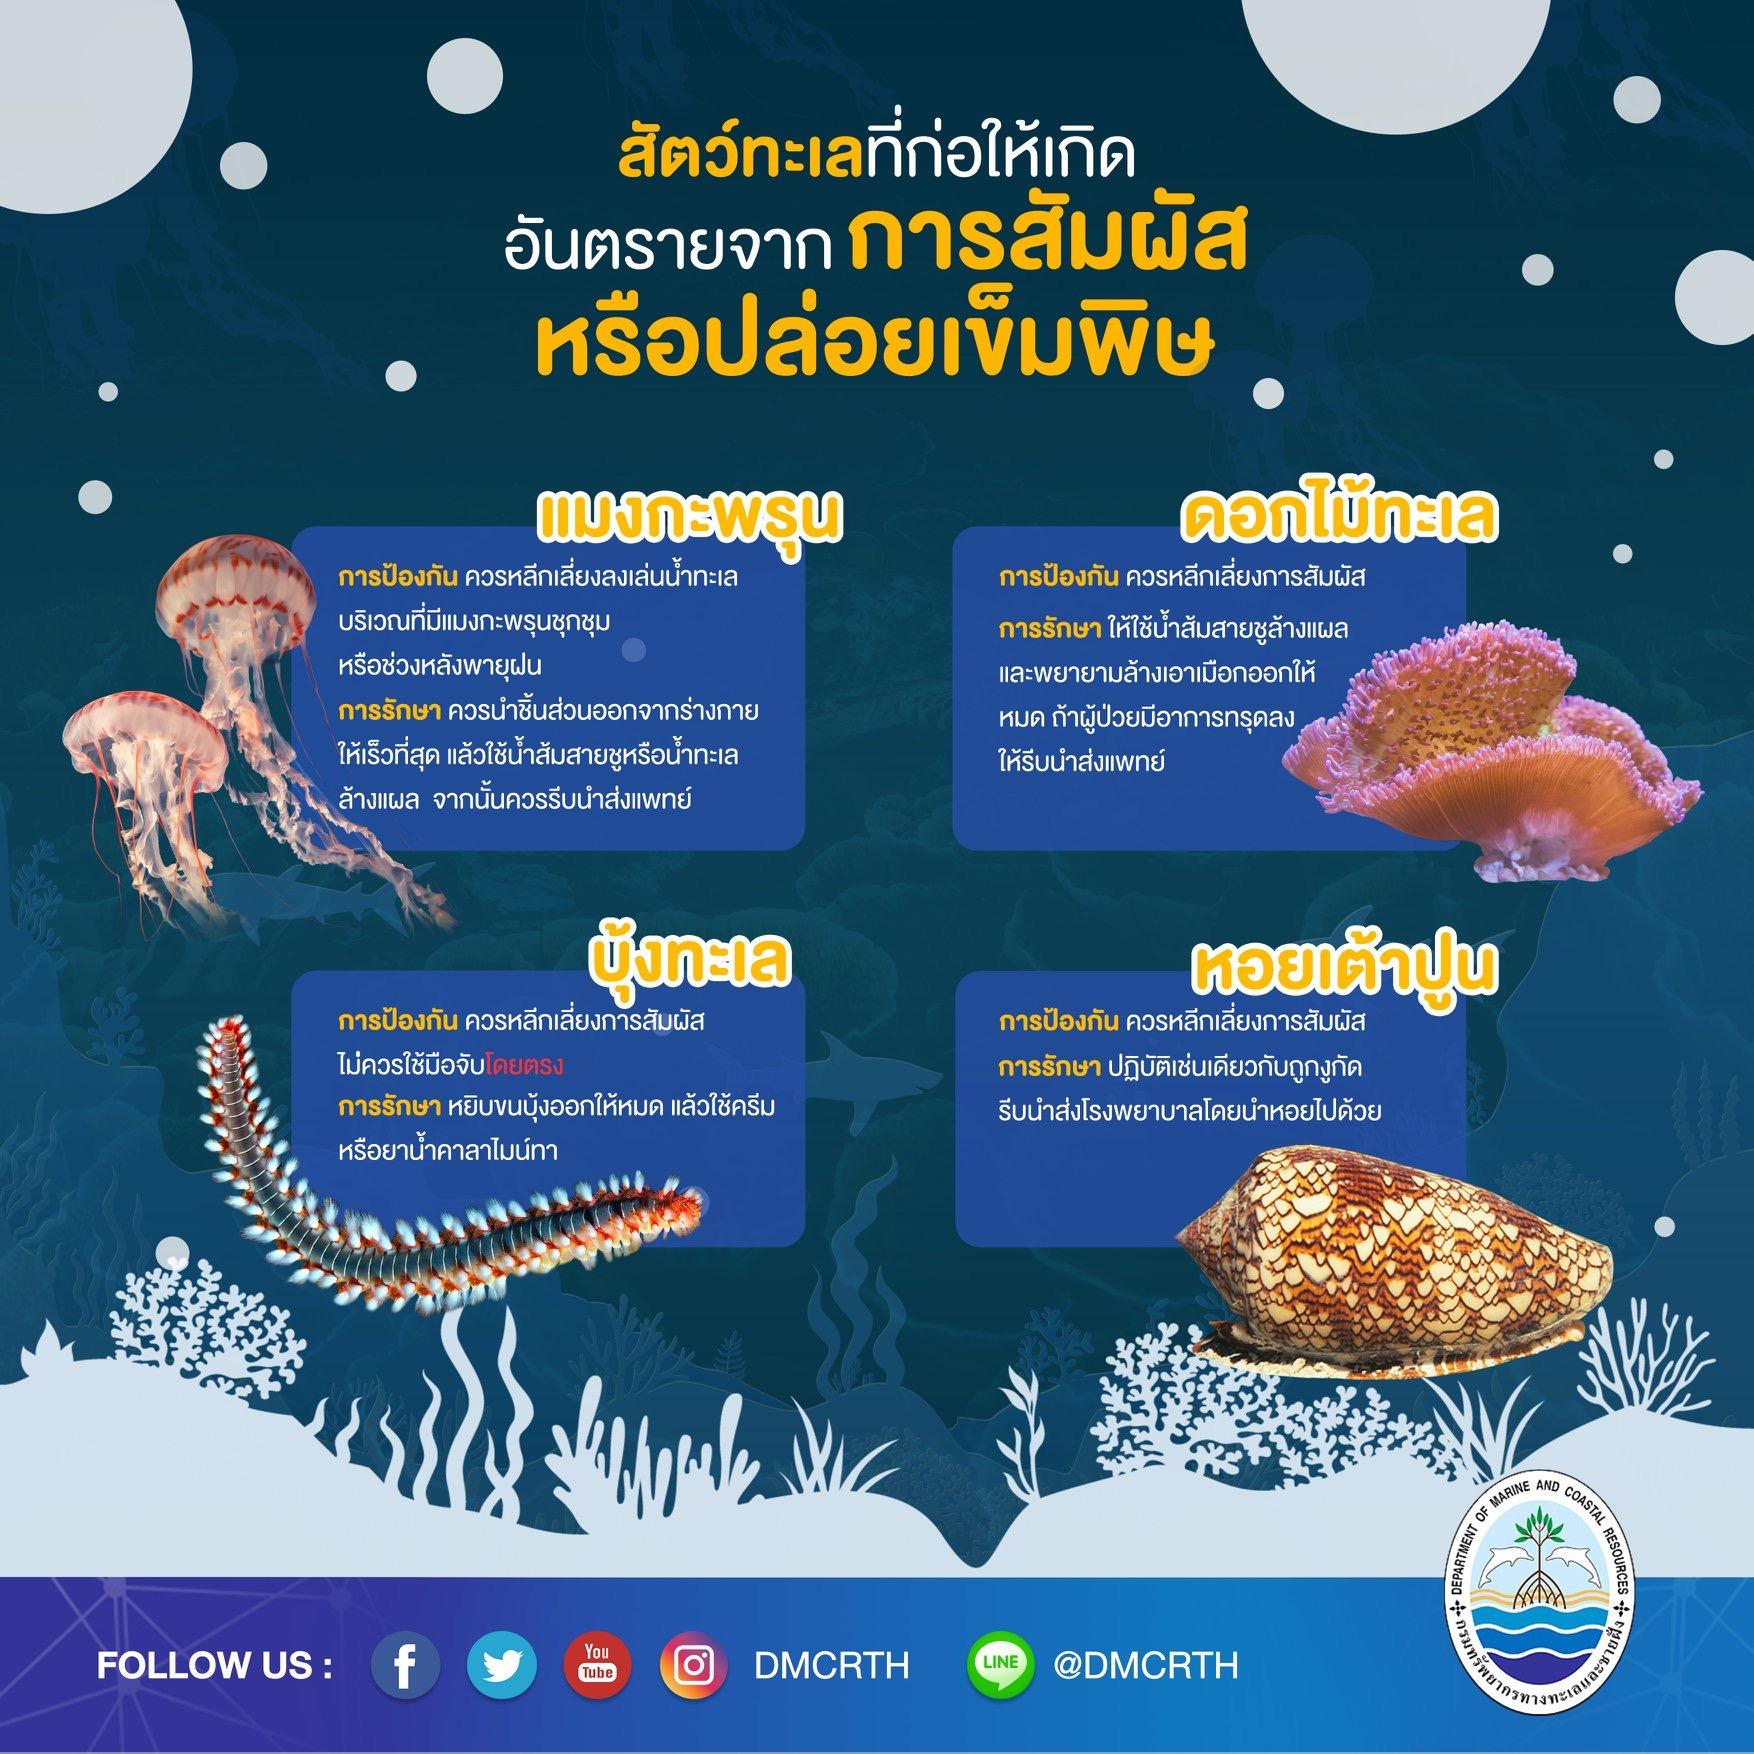 เที่ยวทะเลให้ปลอดภัย ระวังภัยจากสัตว์ทะเล : การสัมผัส